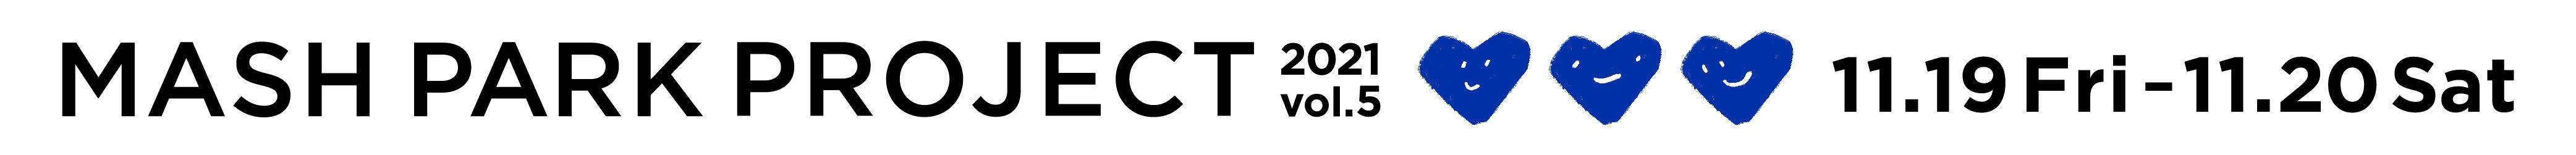 MASH PARK PROJECT 2021 vol.5 11.19 Fri - 11.20 Sat